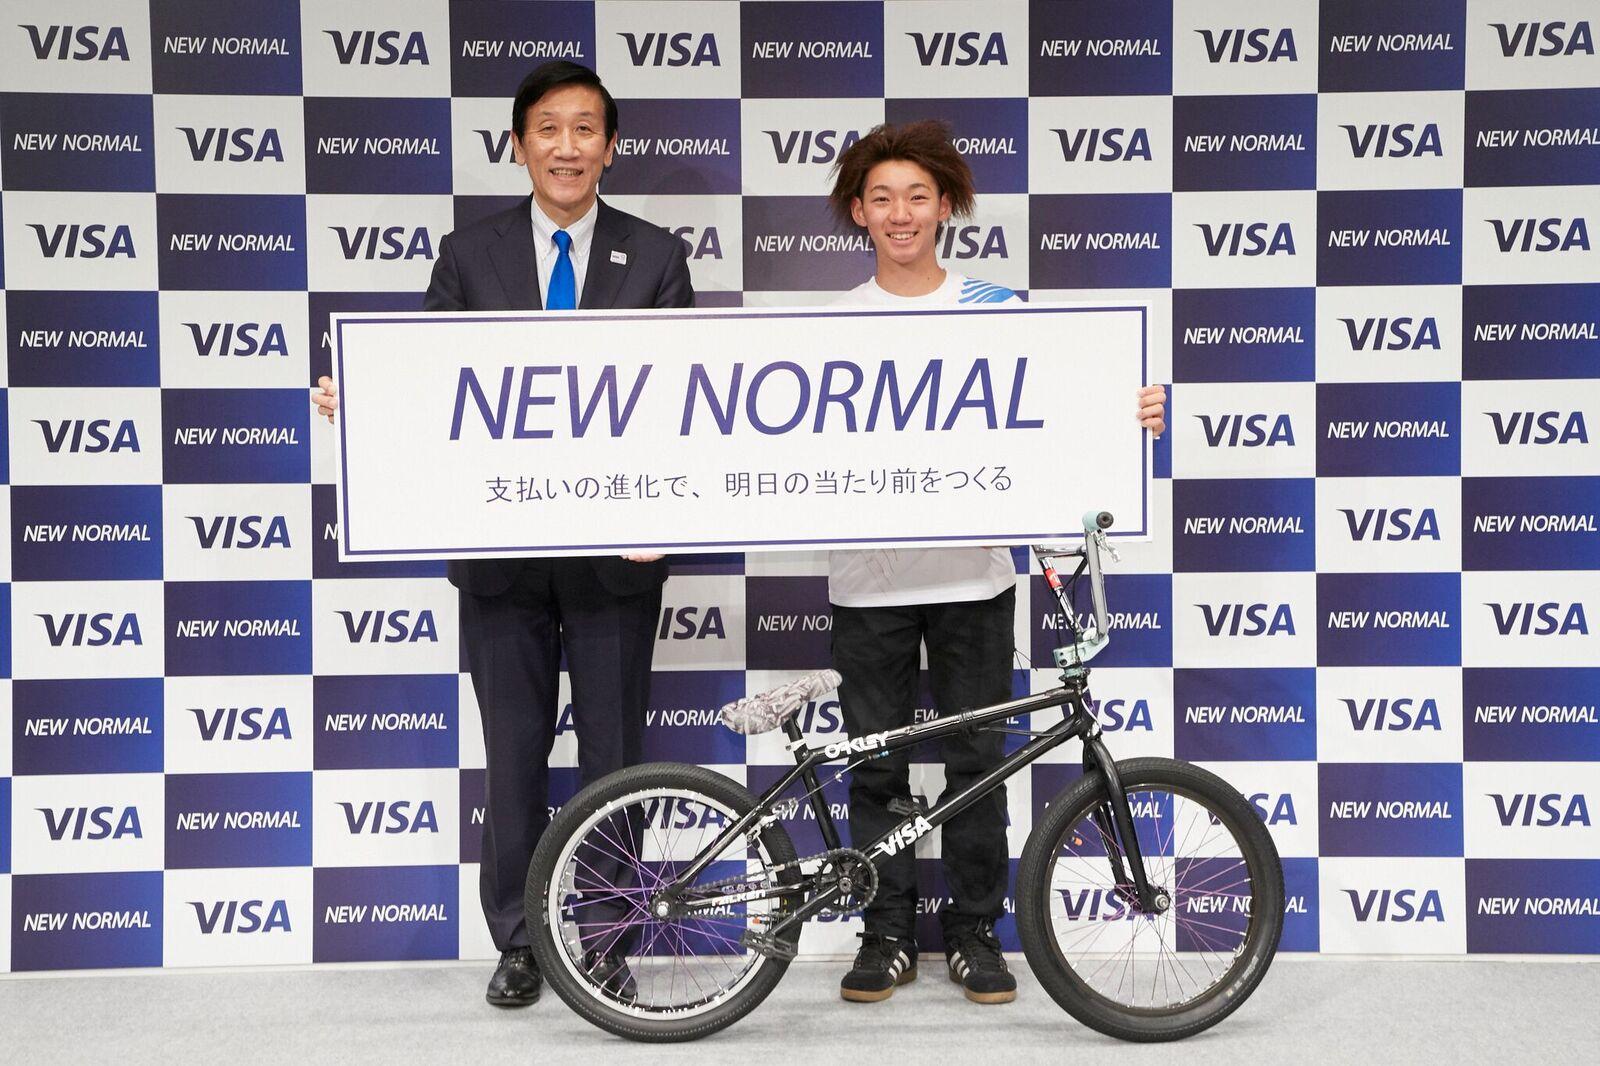 【中村輪夢】VISA Japanとのスポンサー契約締結のお知らせ